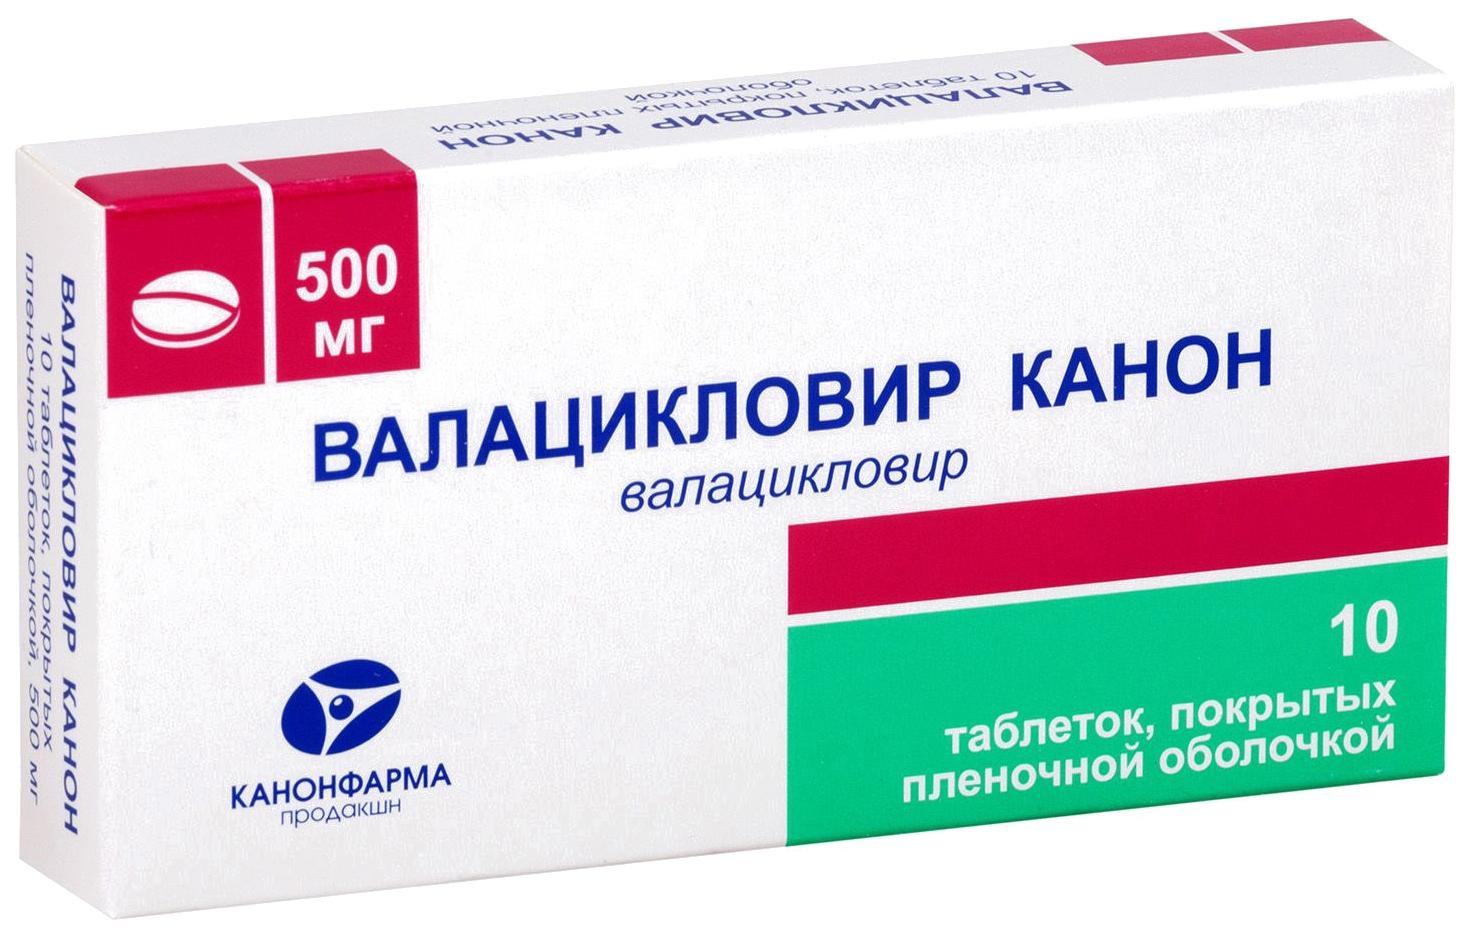 ВАЛАЦИКЛОВИР КАНОН таблетки 500 мг 10 шт.